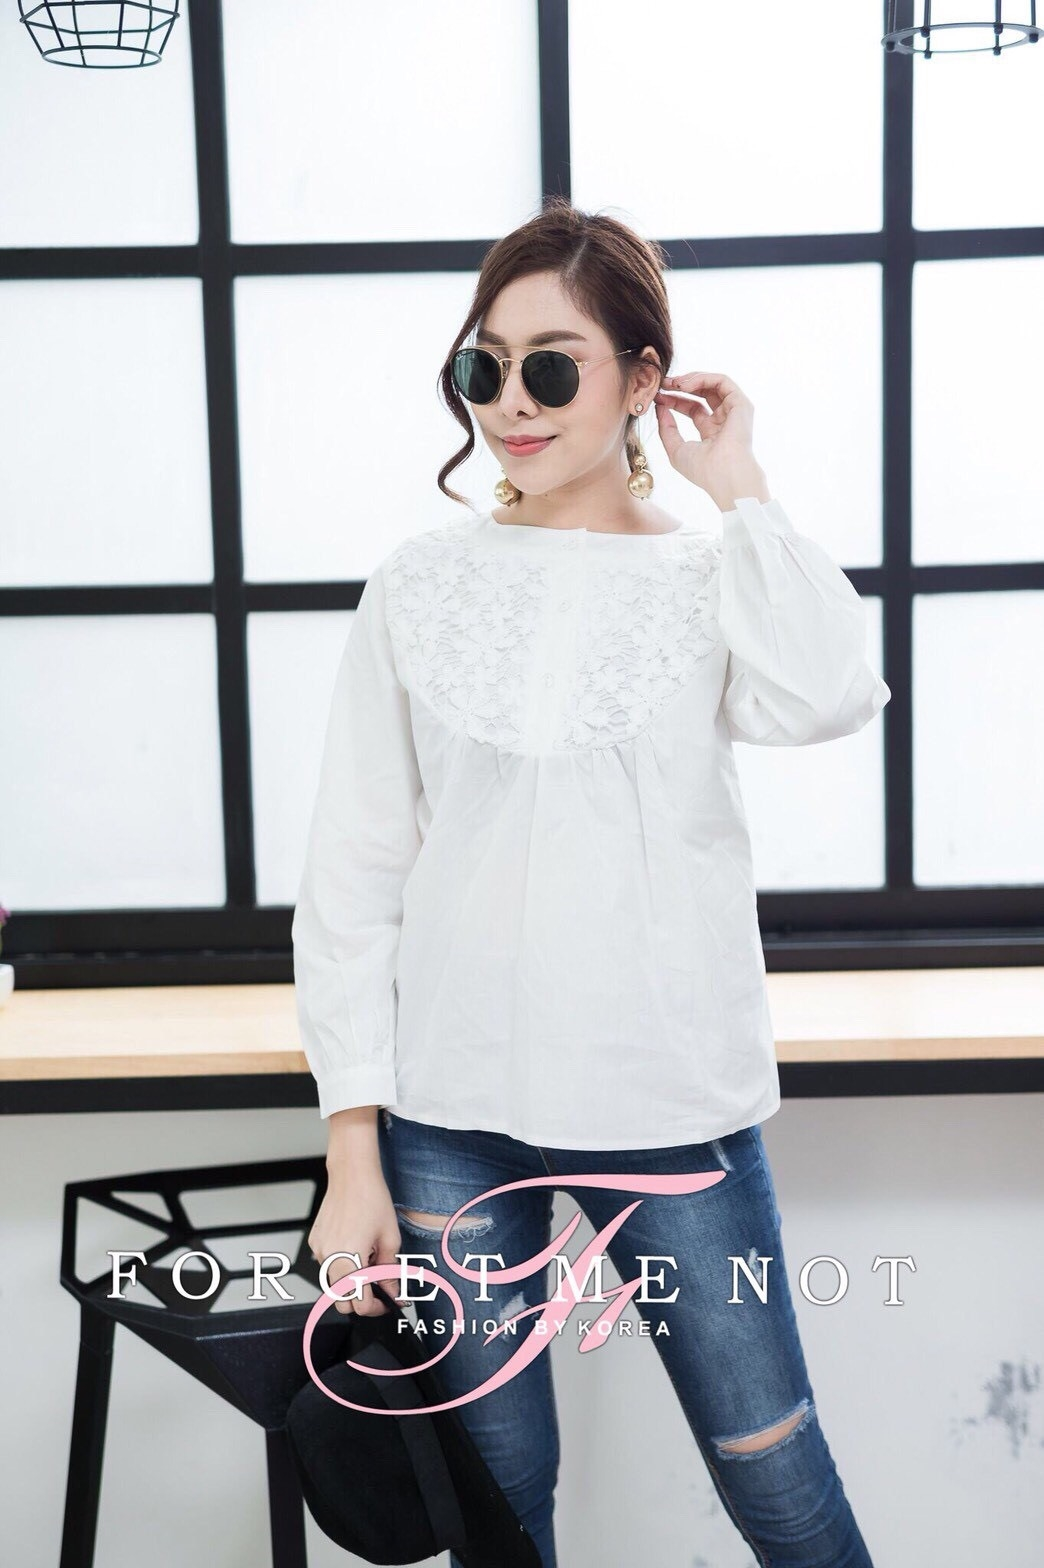 เสื้อผ้าเกาหลีพร้อมส่ง เสื้อคอกลม แขนตุ๊กตา เนื้อผ้า cotton 100%